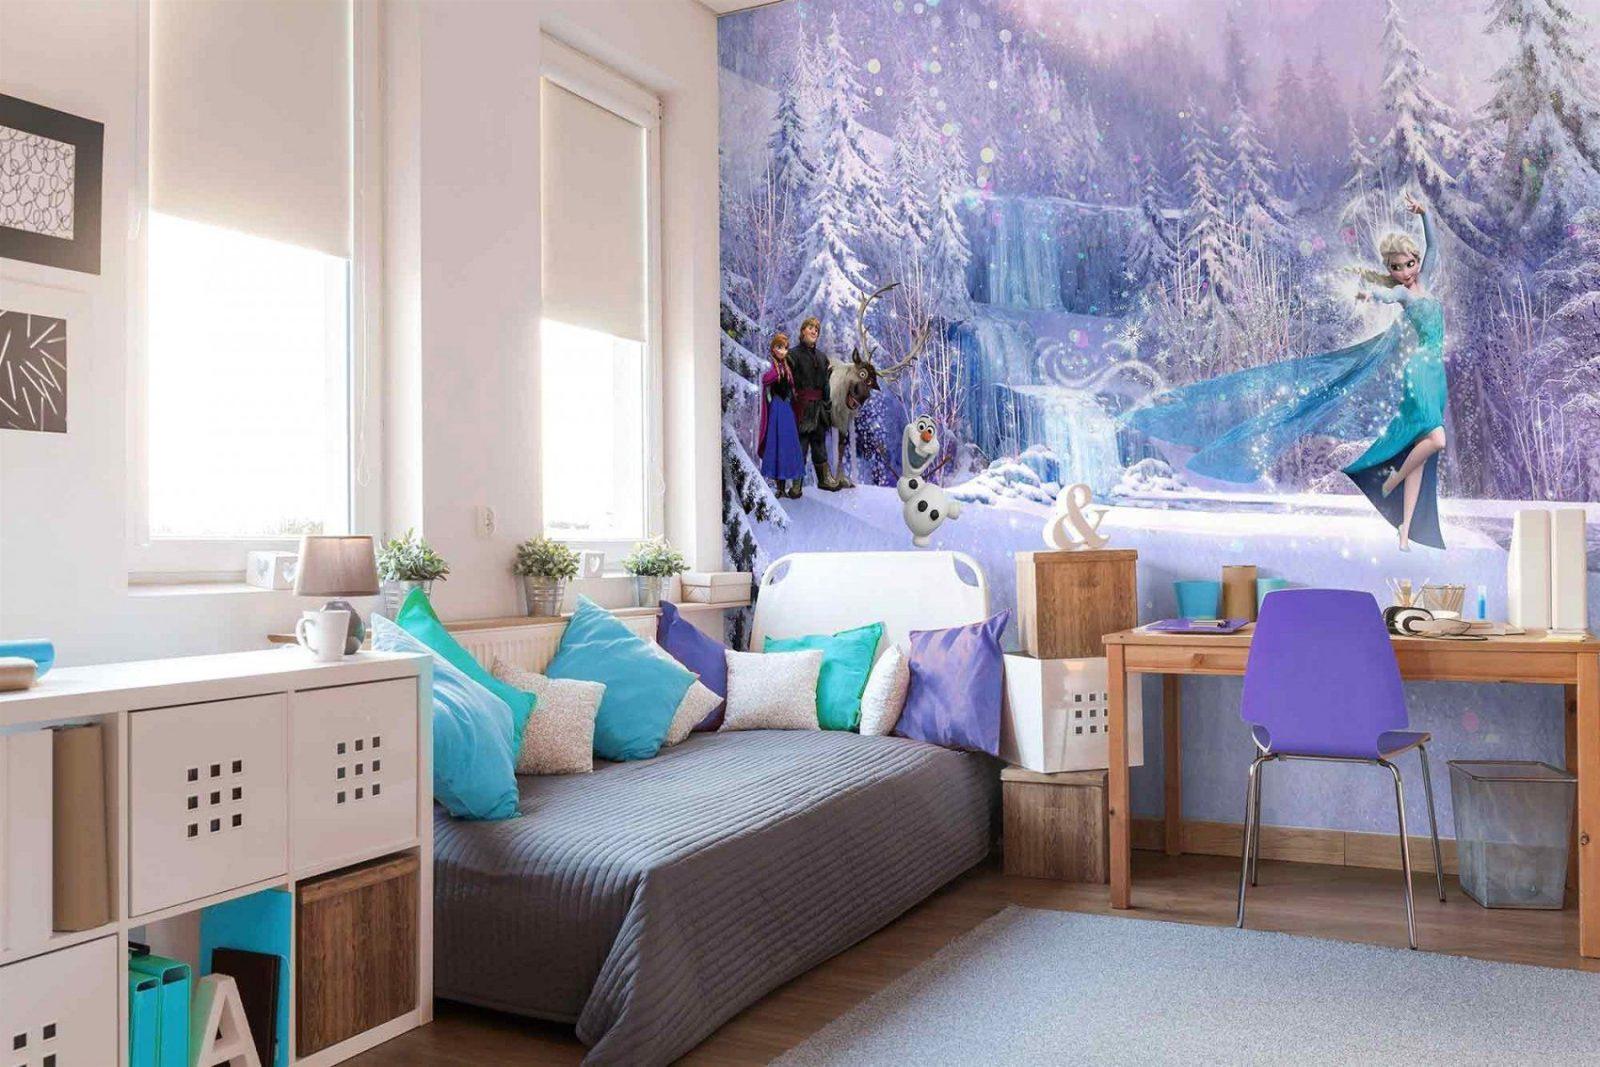 Wohnideen  Coole Jugendzimmer Für Jungs Und Luxus Kinderzimmer Blau von Coole Jugendzimmer Für Mädchen Photo